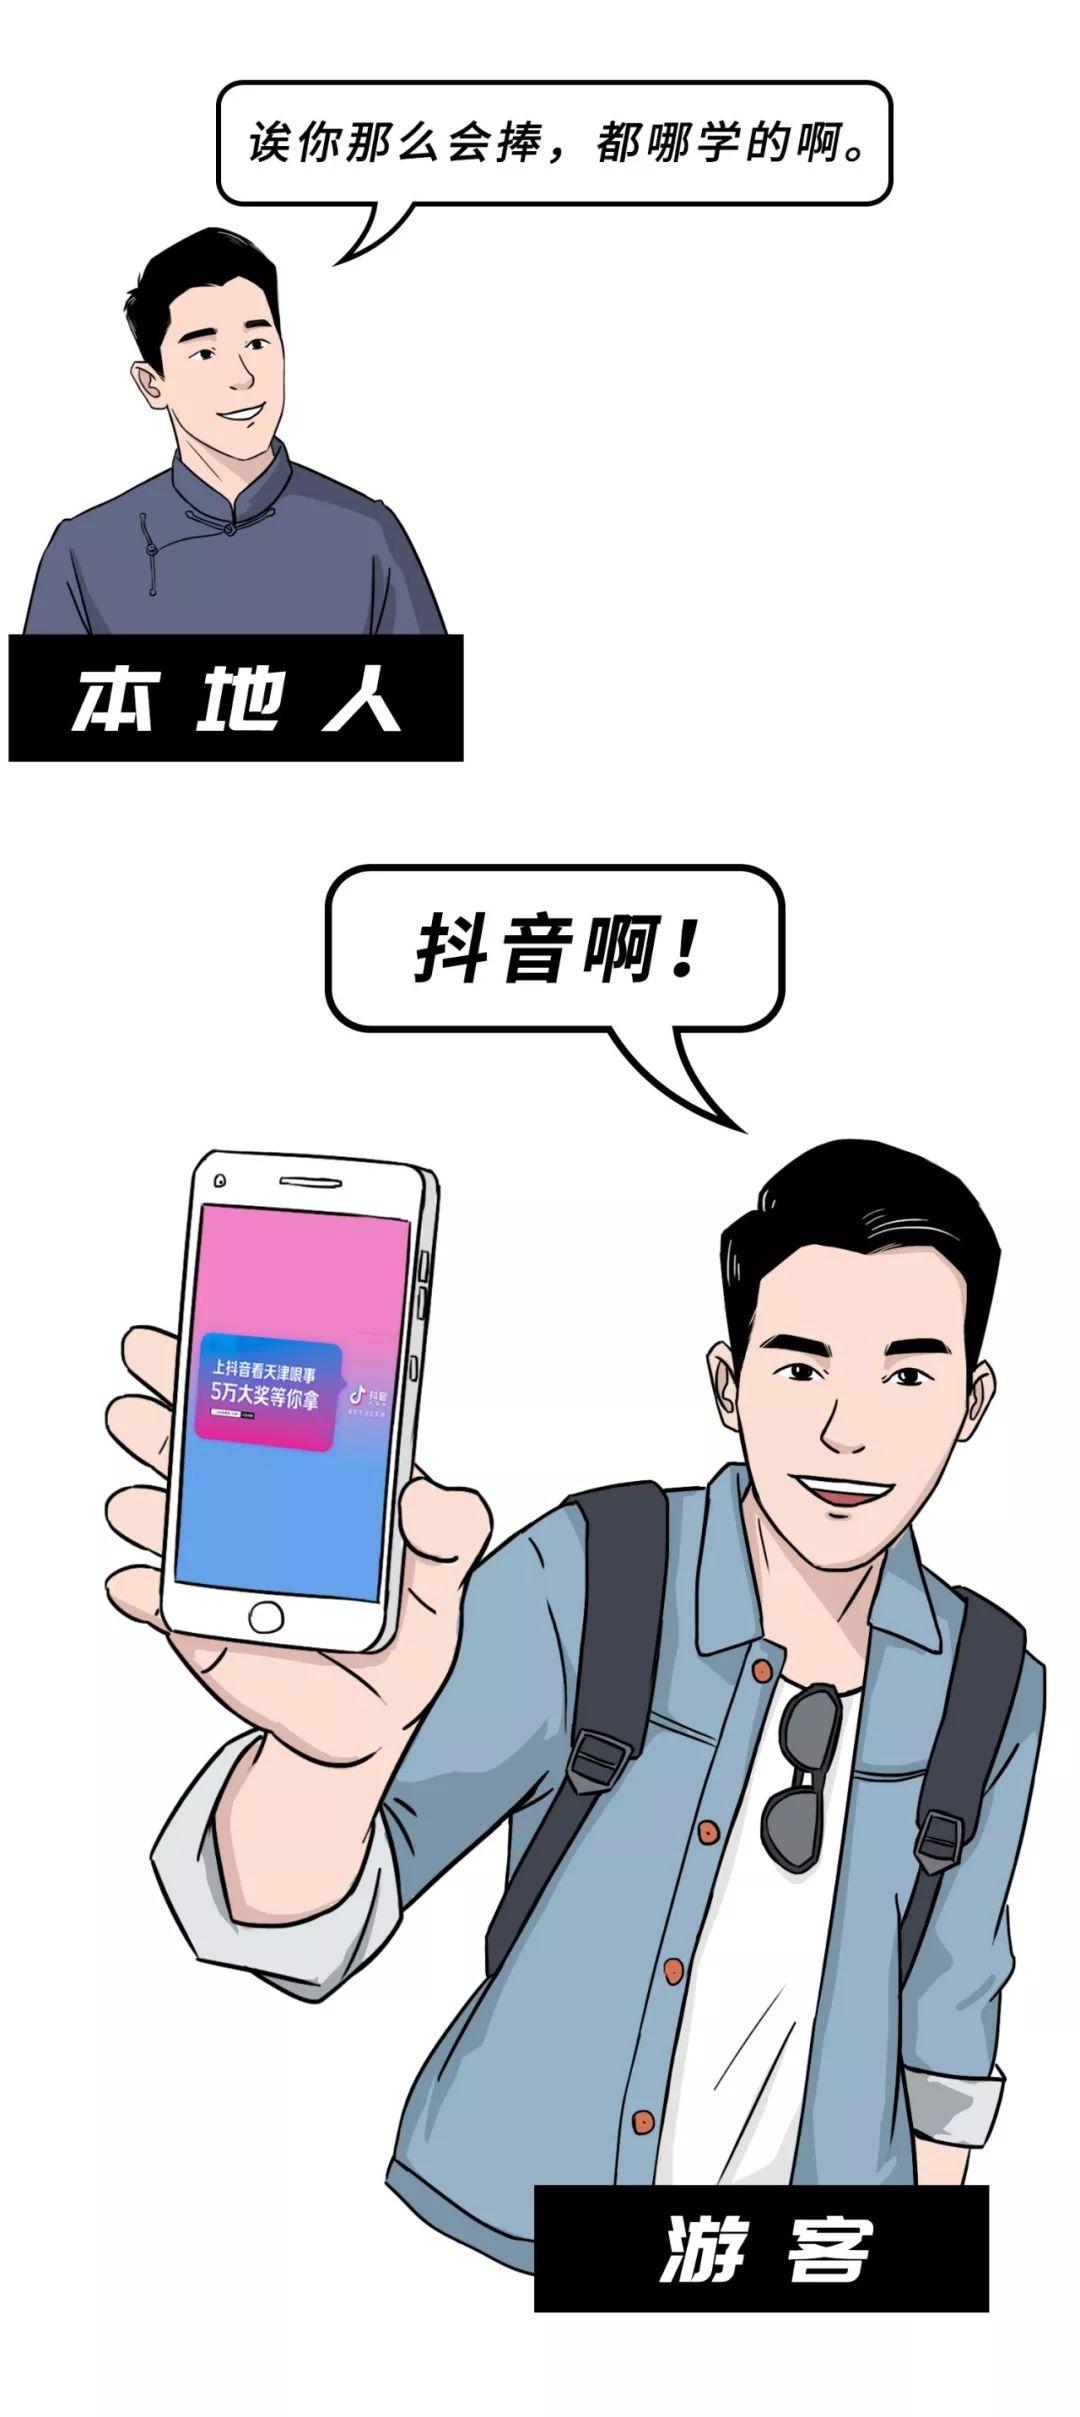 天津人口音_天津和北京这么近,口音为嘛差这么多